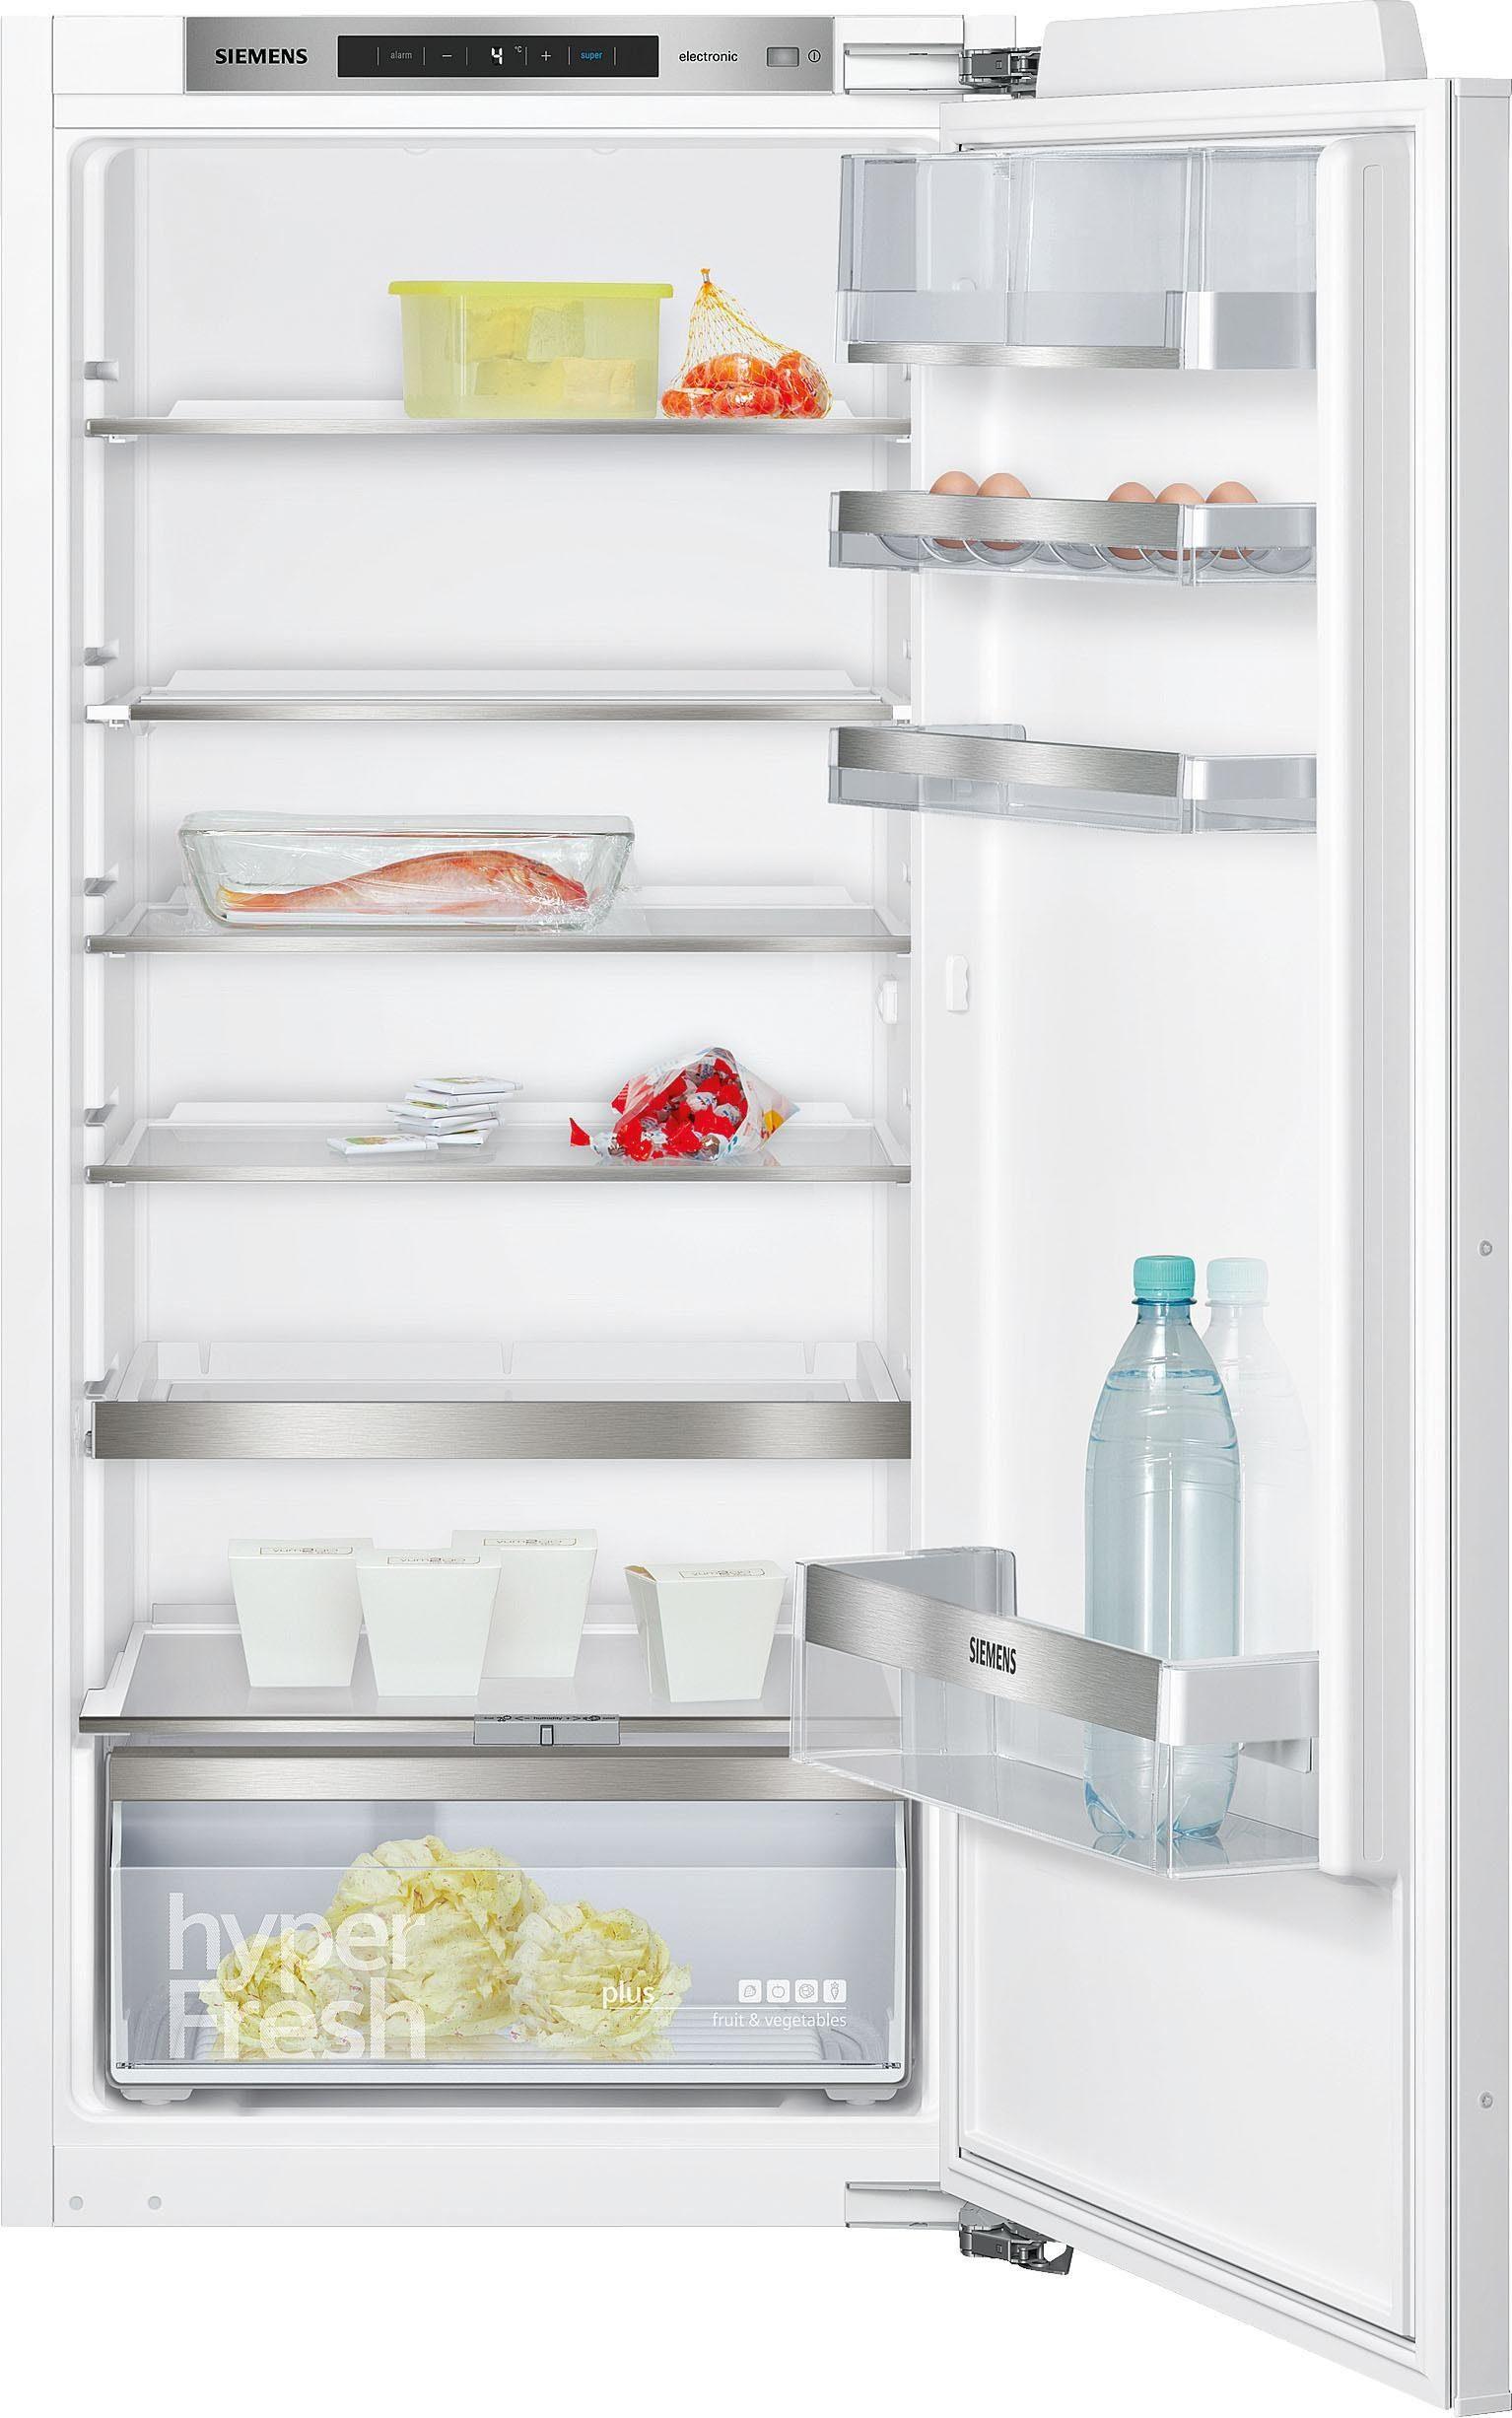 SIEMENS Einbaukühlschrank KI41RAD40, 122,1 cm hoch, 55,8 cm breit, A+++, 122,1 cm hoch, integrierbar